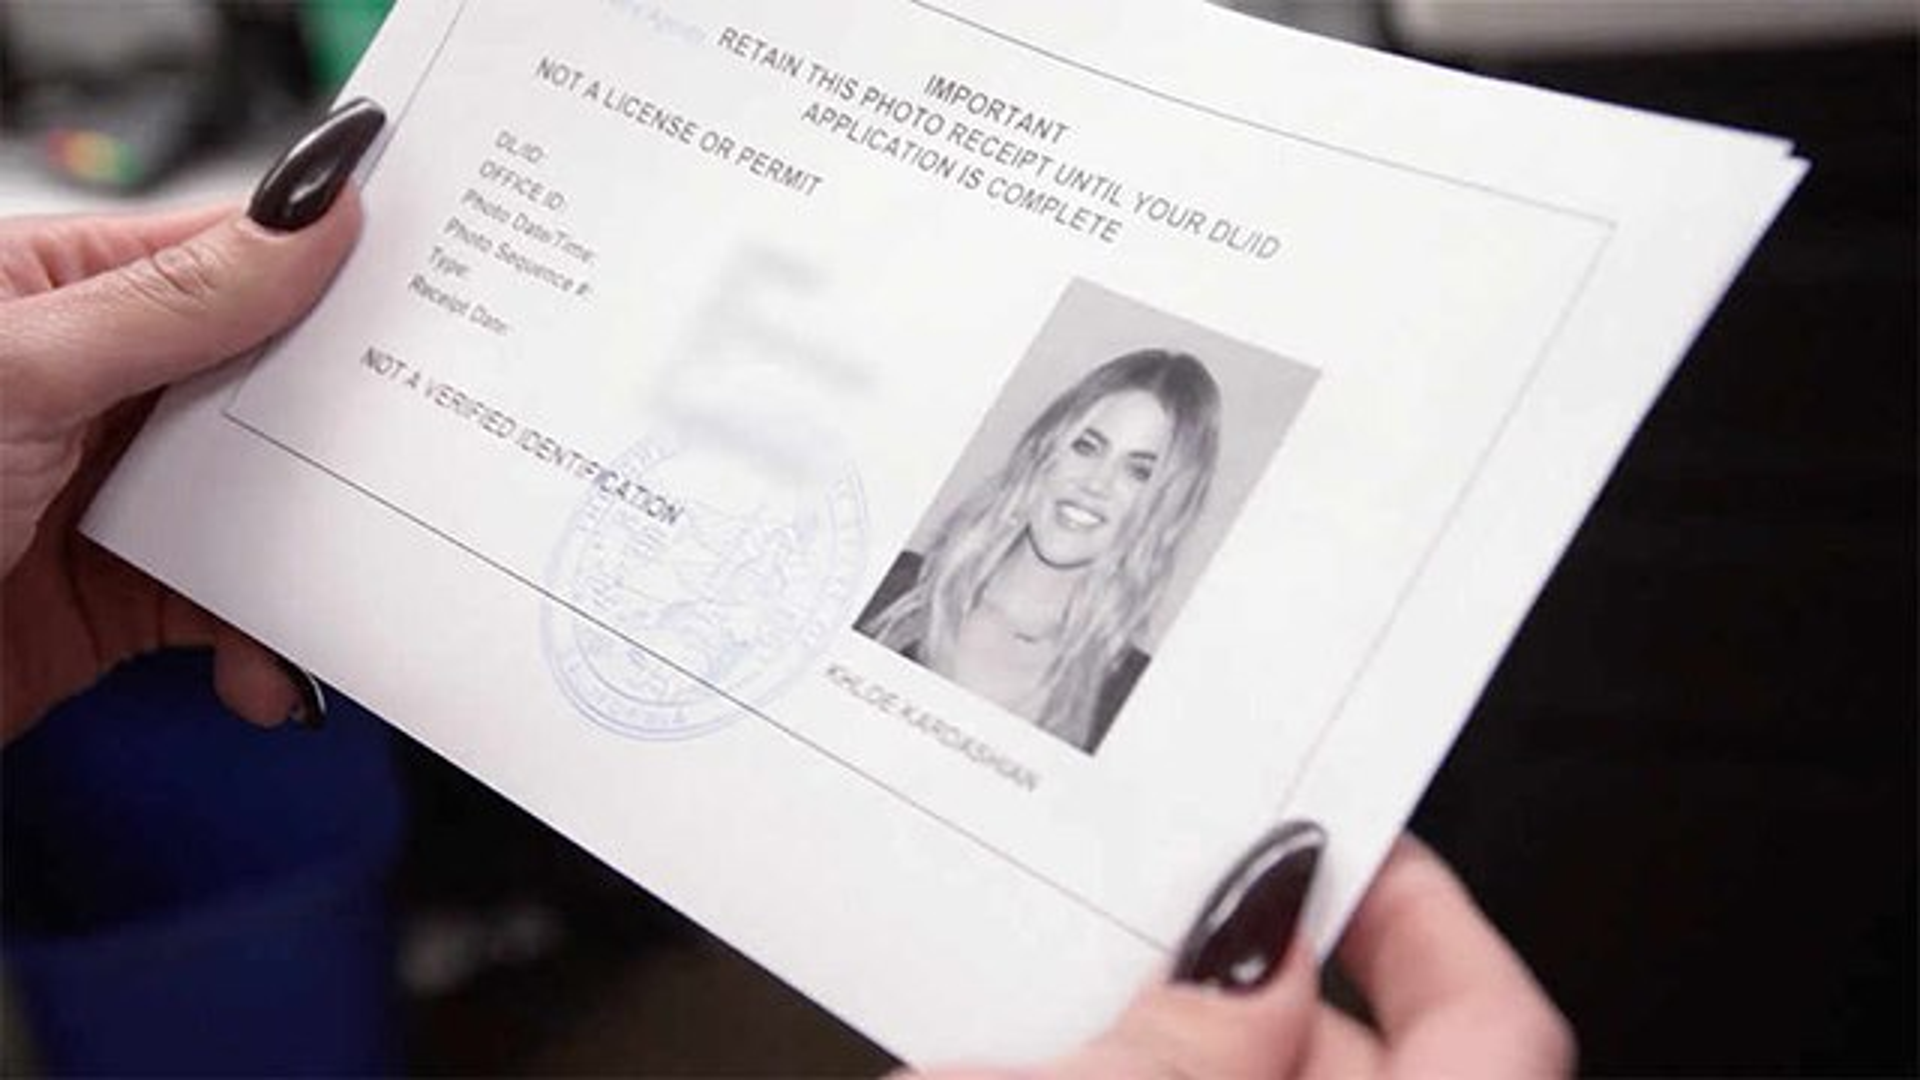 Khloe-Kardashian-DMV-Foto-Fuehrerschein-3